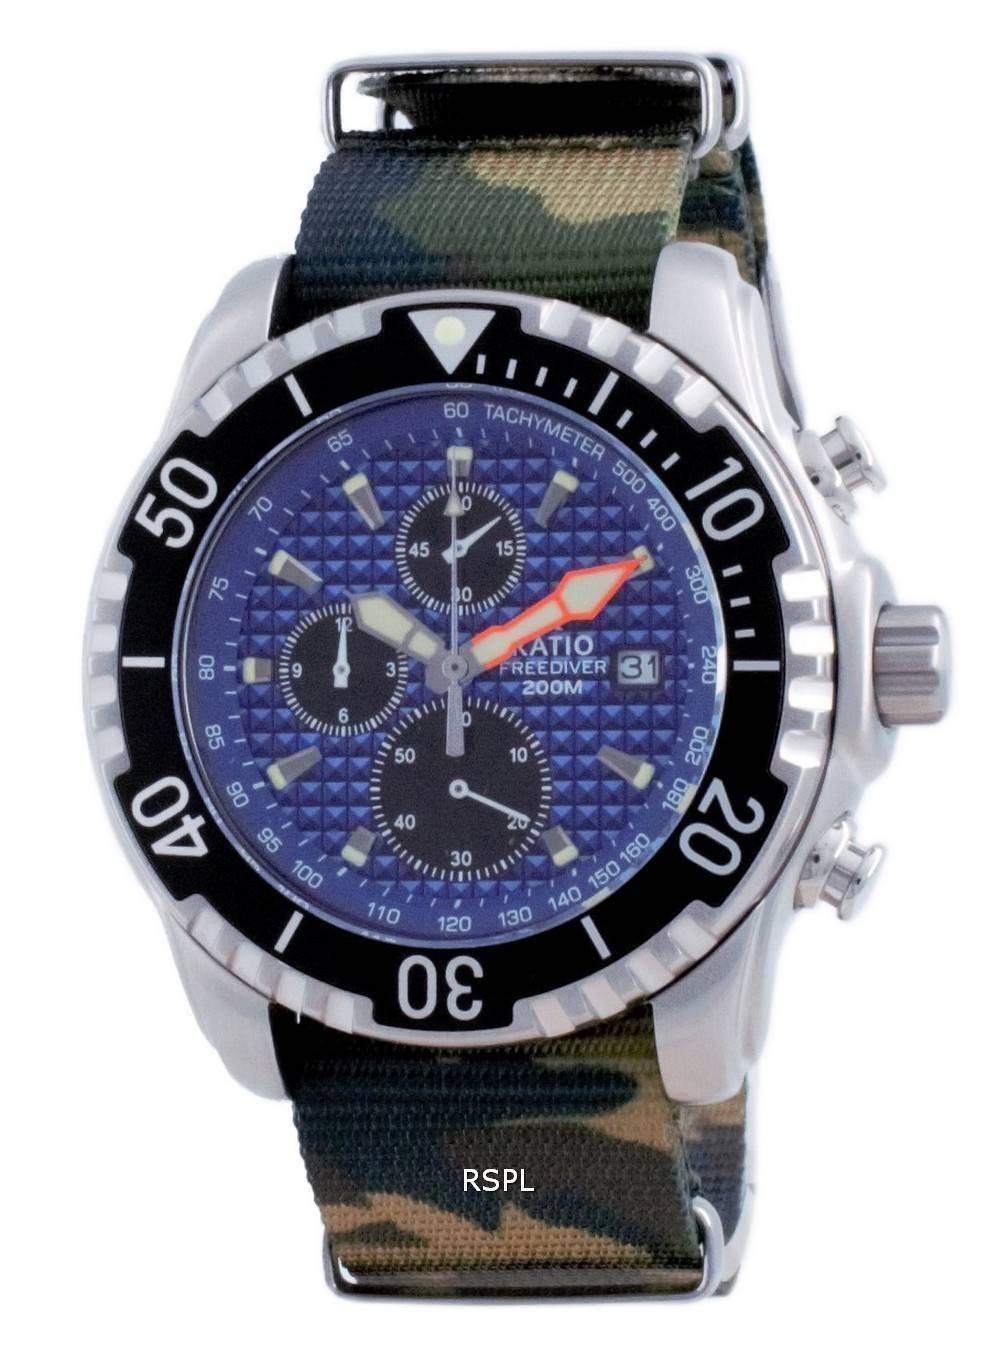 Suhde vapaa sukeltaja Chronograph Nylon Quartz Diver&#39,s 48HA90-17-CHR-BLU-var-NATO5 200M miesten kello